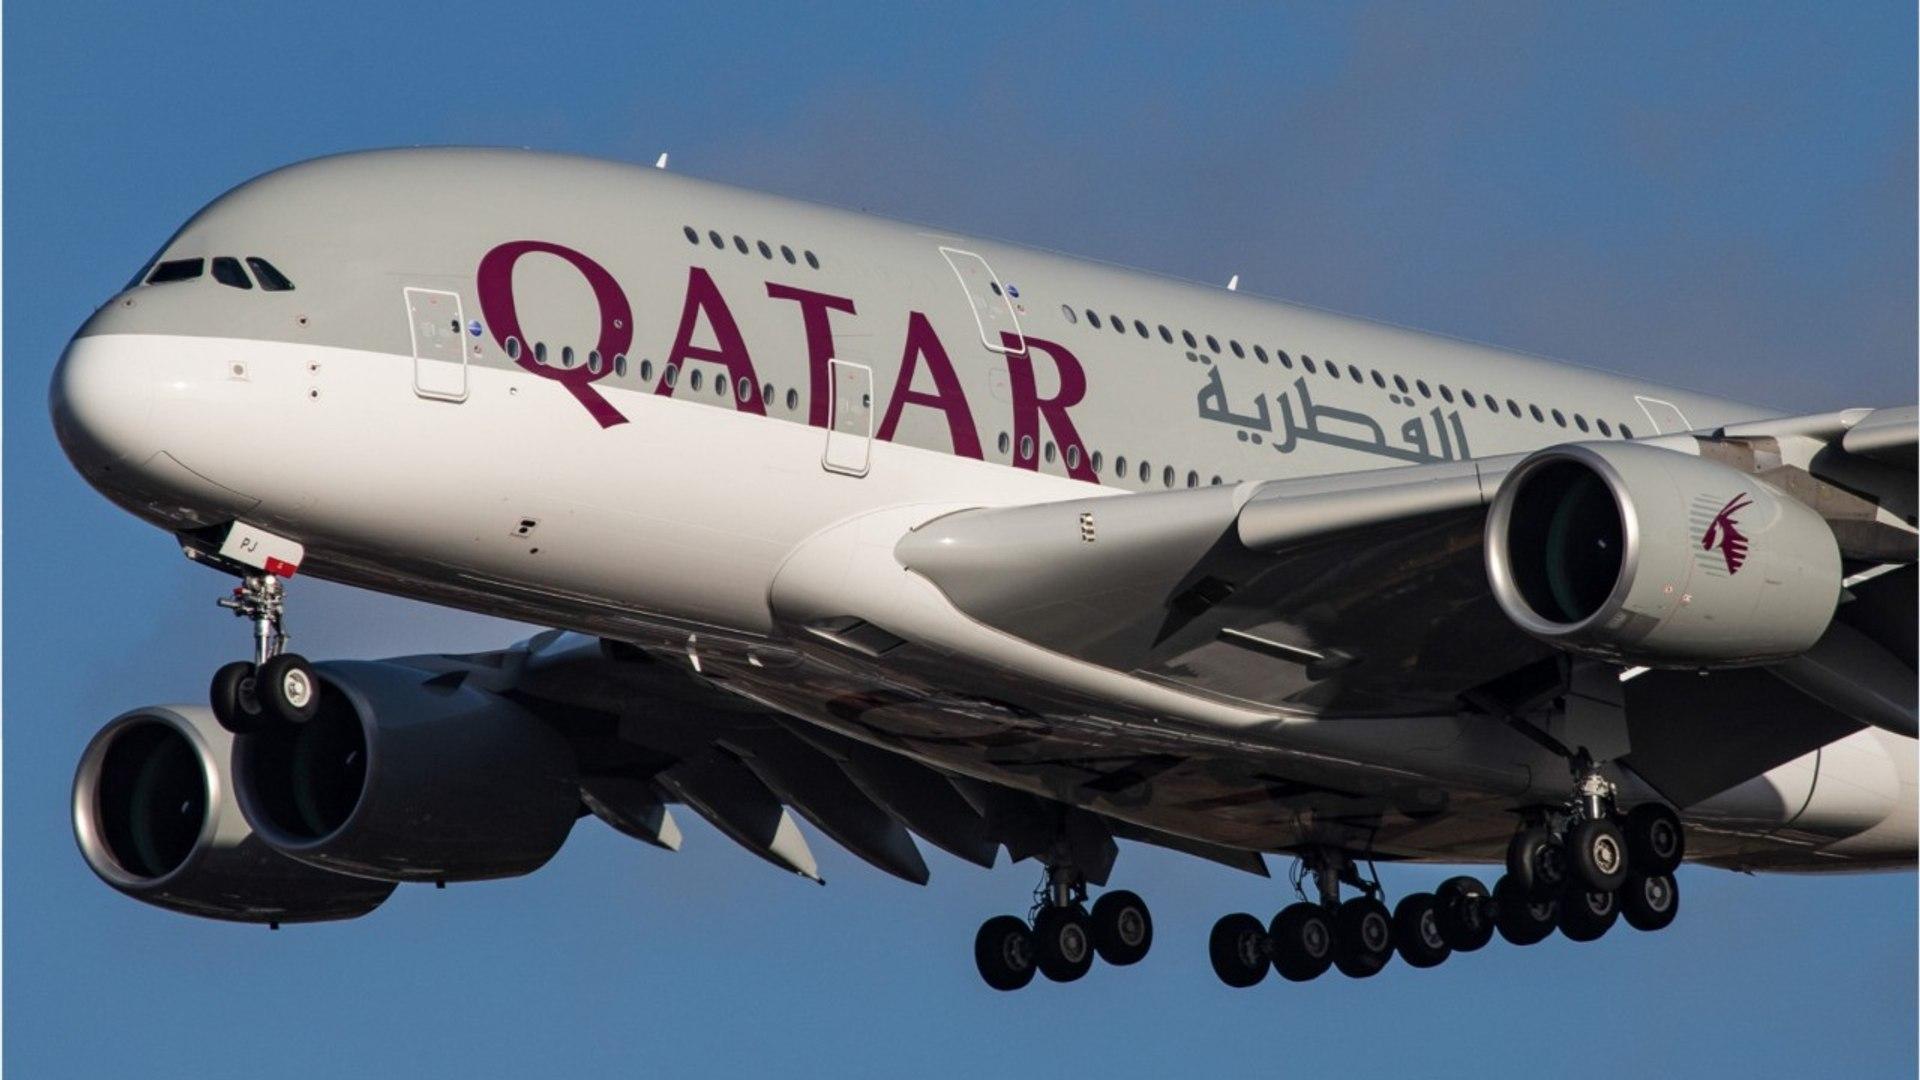 Qatar Airways Supports Boeing Despite Crash Crisis